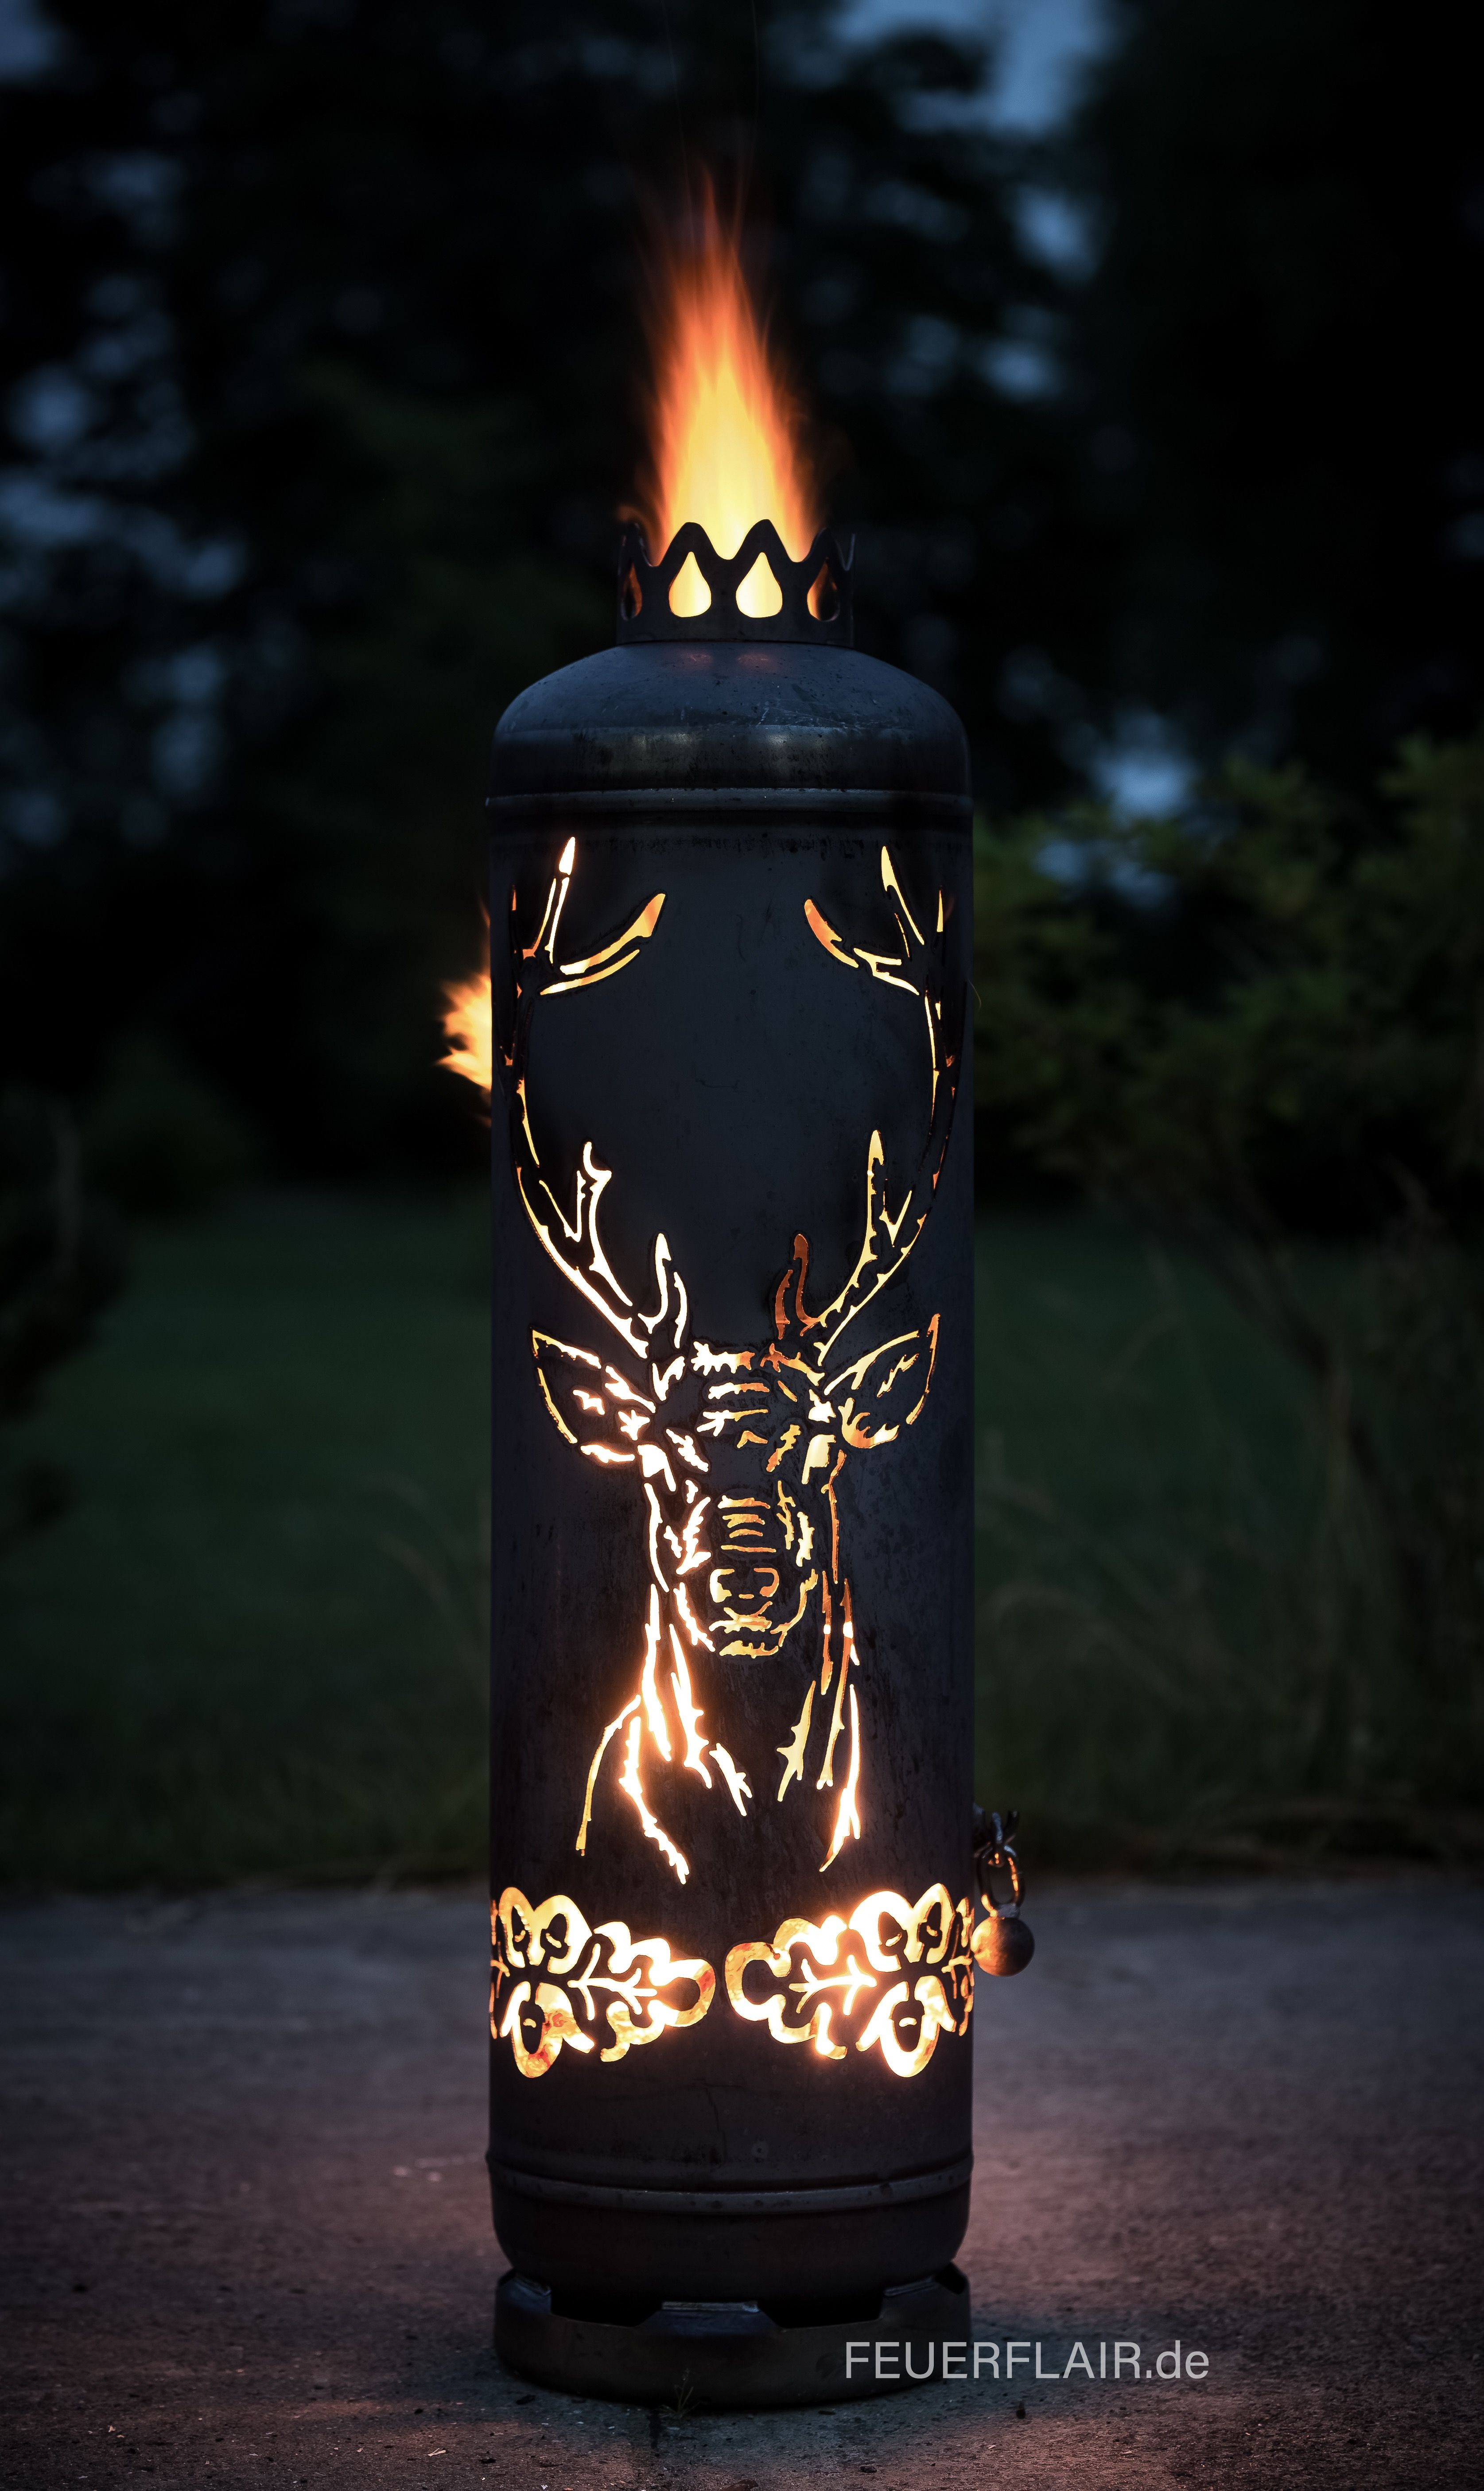 Photo of Fire pit deer gas bottle